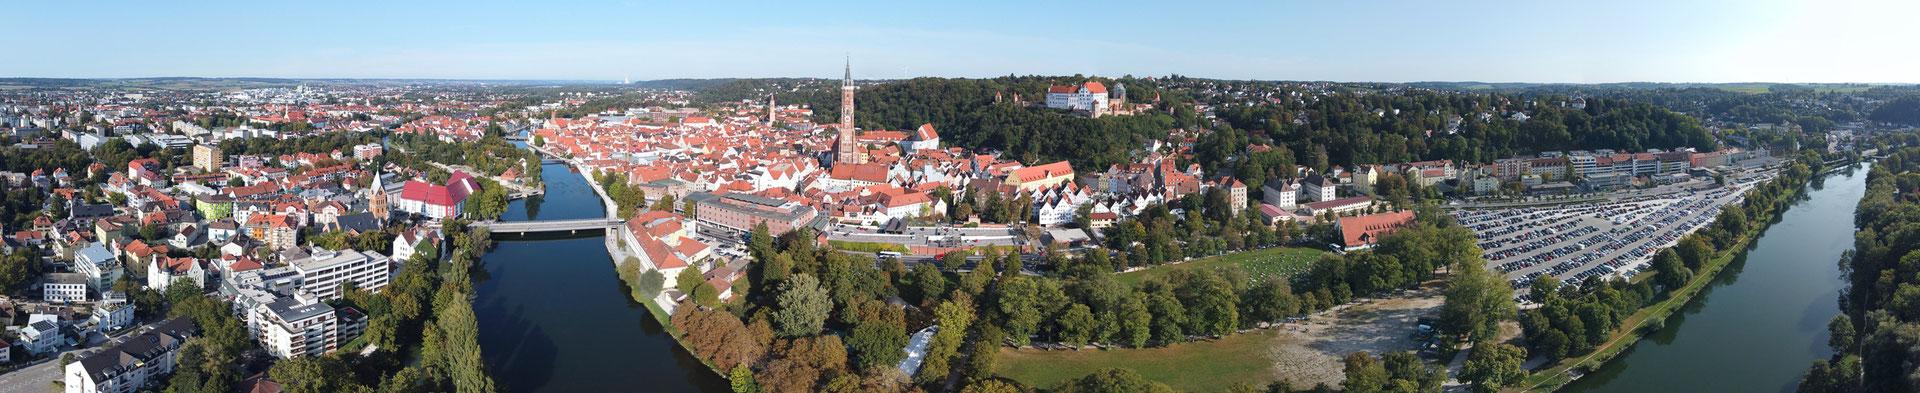 Panorama, Landshut, Innenstadt, Dom